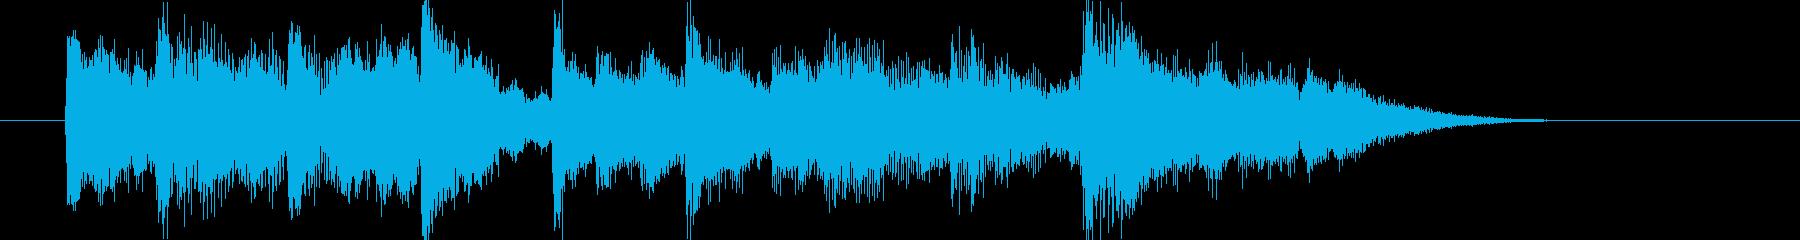 ゲームにお勧めしたい、ちょっと切なげな曲の再生済みの波形